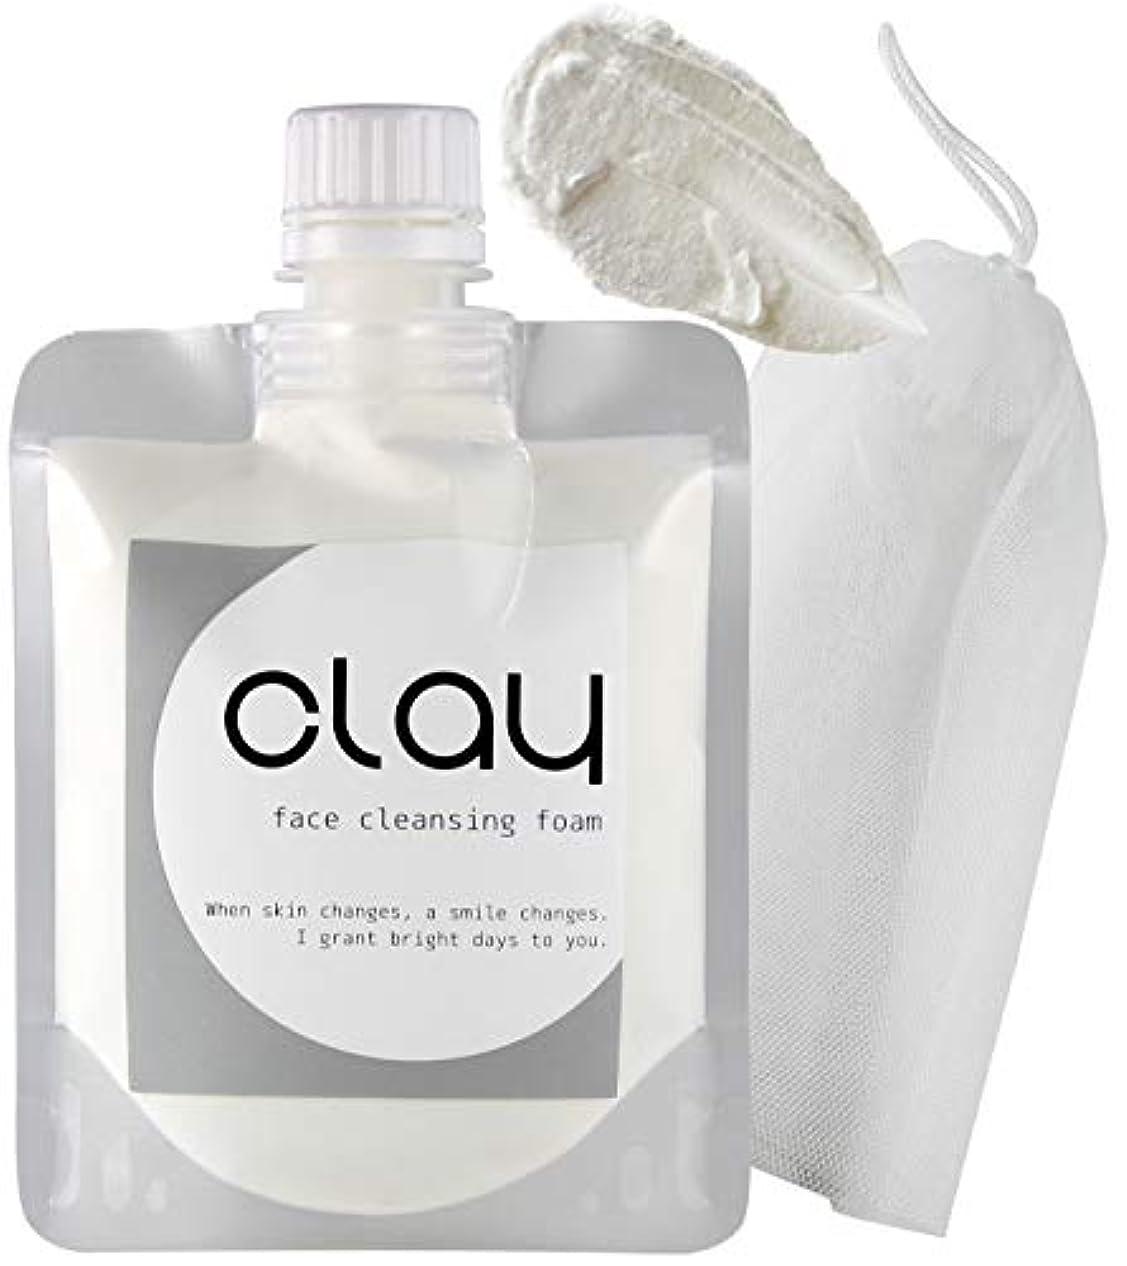 バンジージャンプ世界に死んだ薬STAR'S クレイ 泥 洗顔 オーガニック 【 毛穴 黒ずみ 開き ザラ付き 用】「 泡 ネット 付き」 40種類の植物エキス 16種類の美容成分 9つの無添加 透明感 柔肌 130g (Clay)